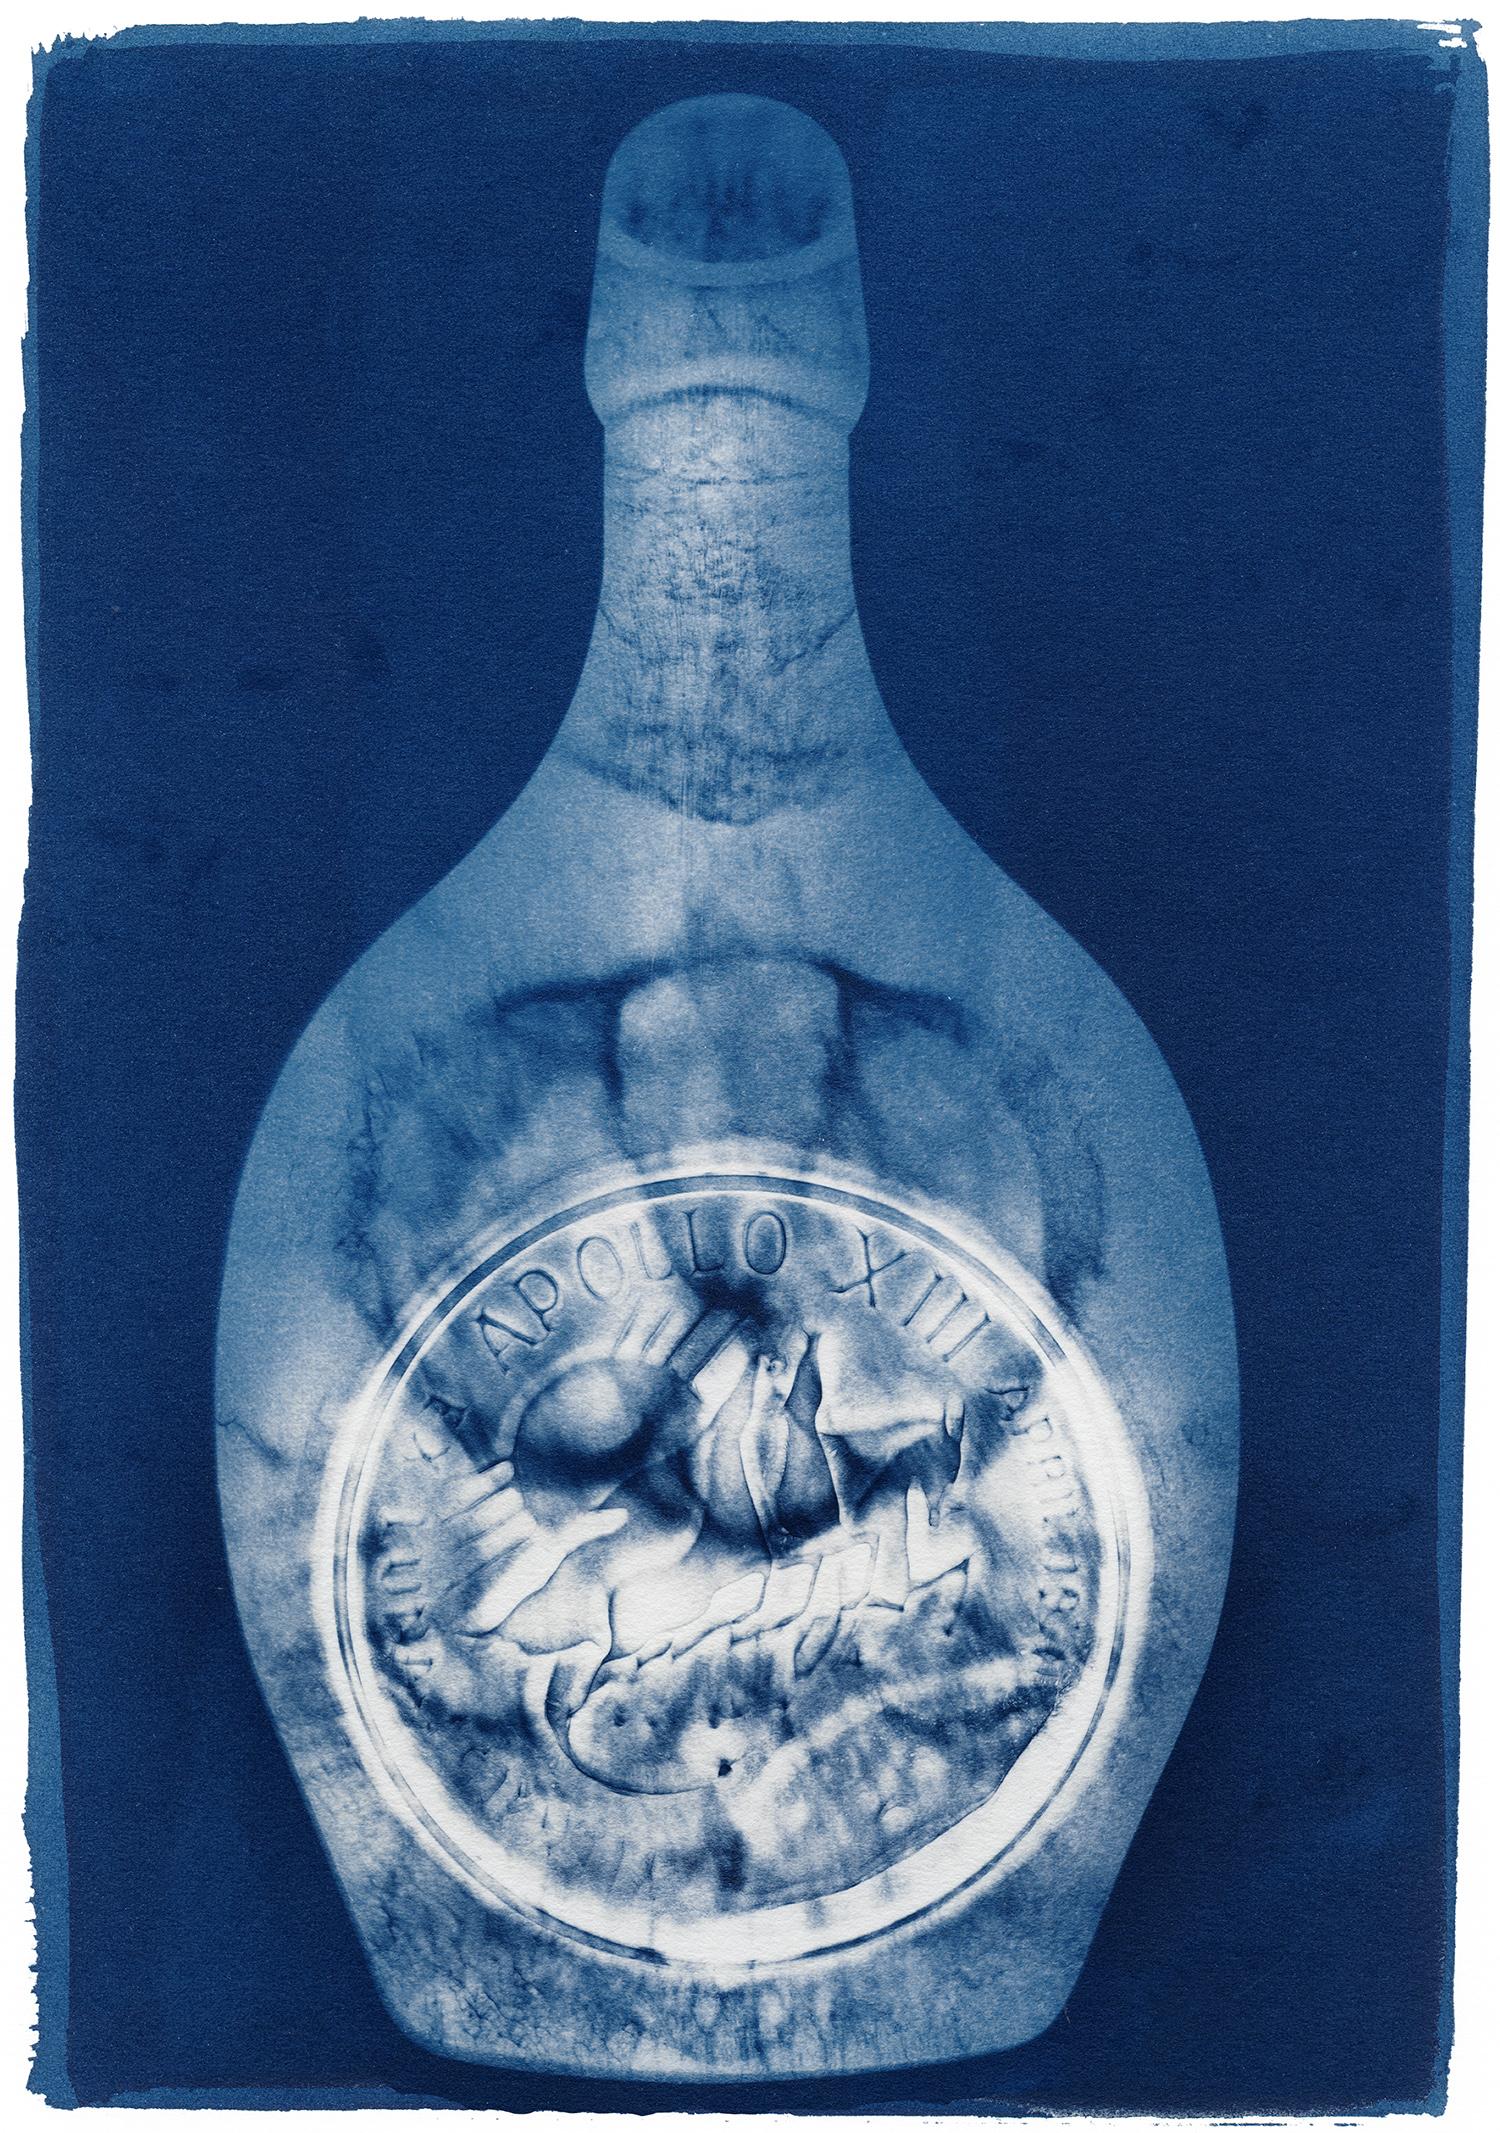 Apollo 13 Bottle (Front), 2011